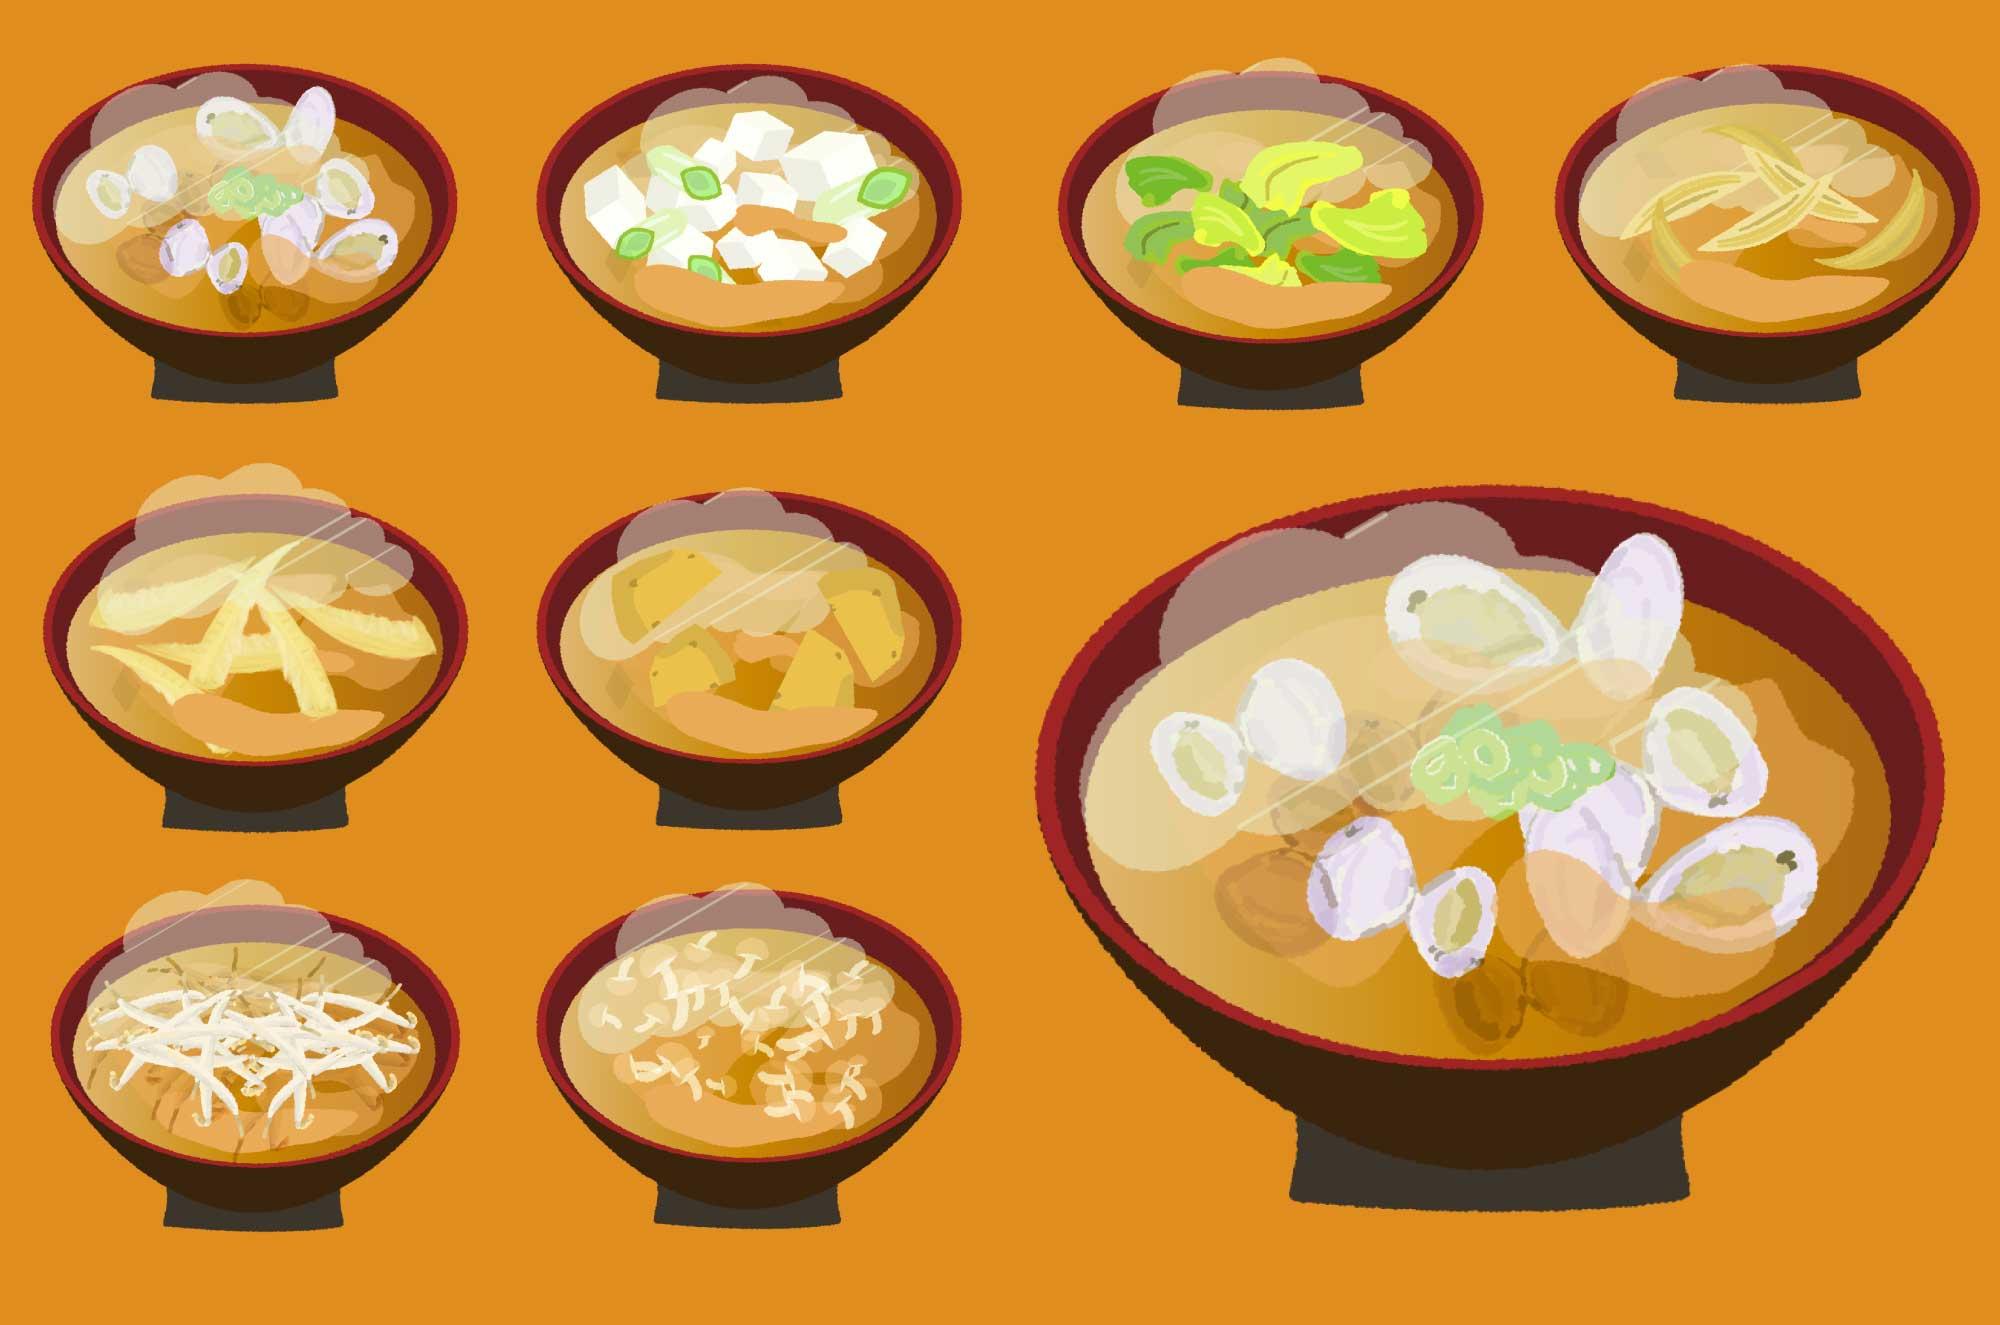 味噌汁のイラスト - 具・種類豊富な和食の無料素材